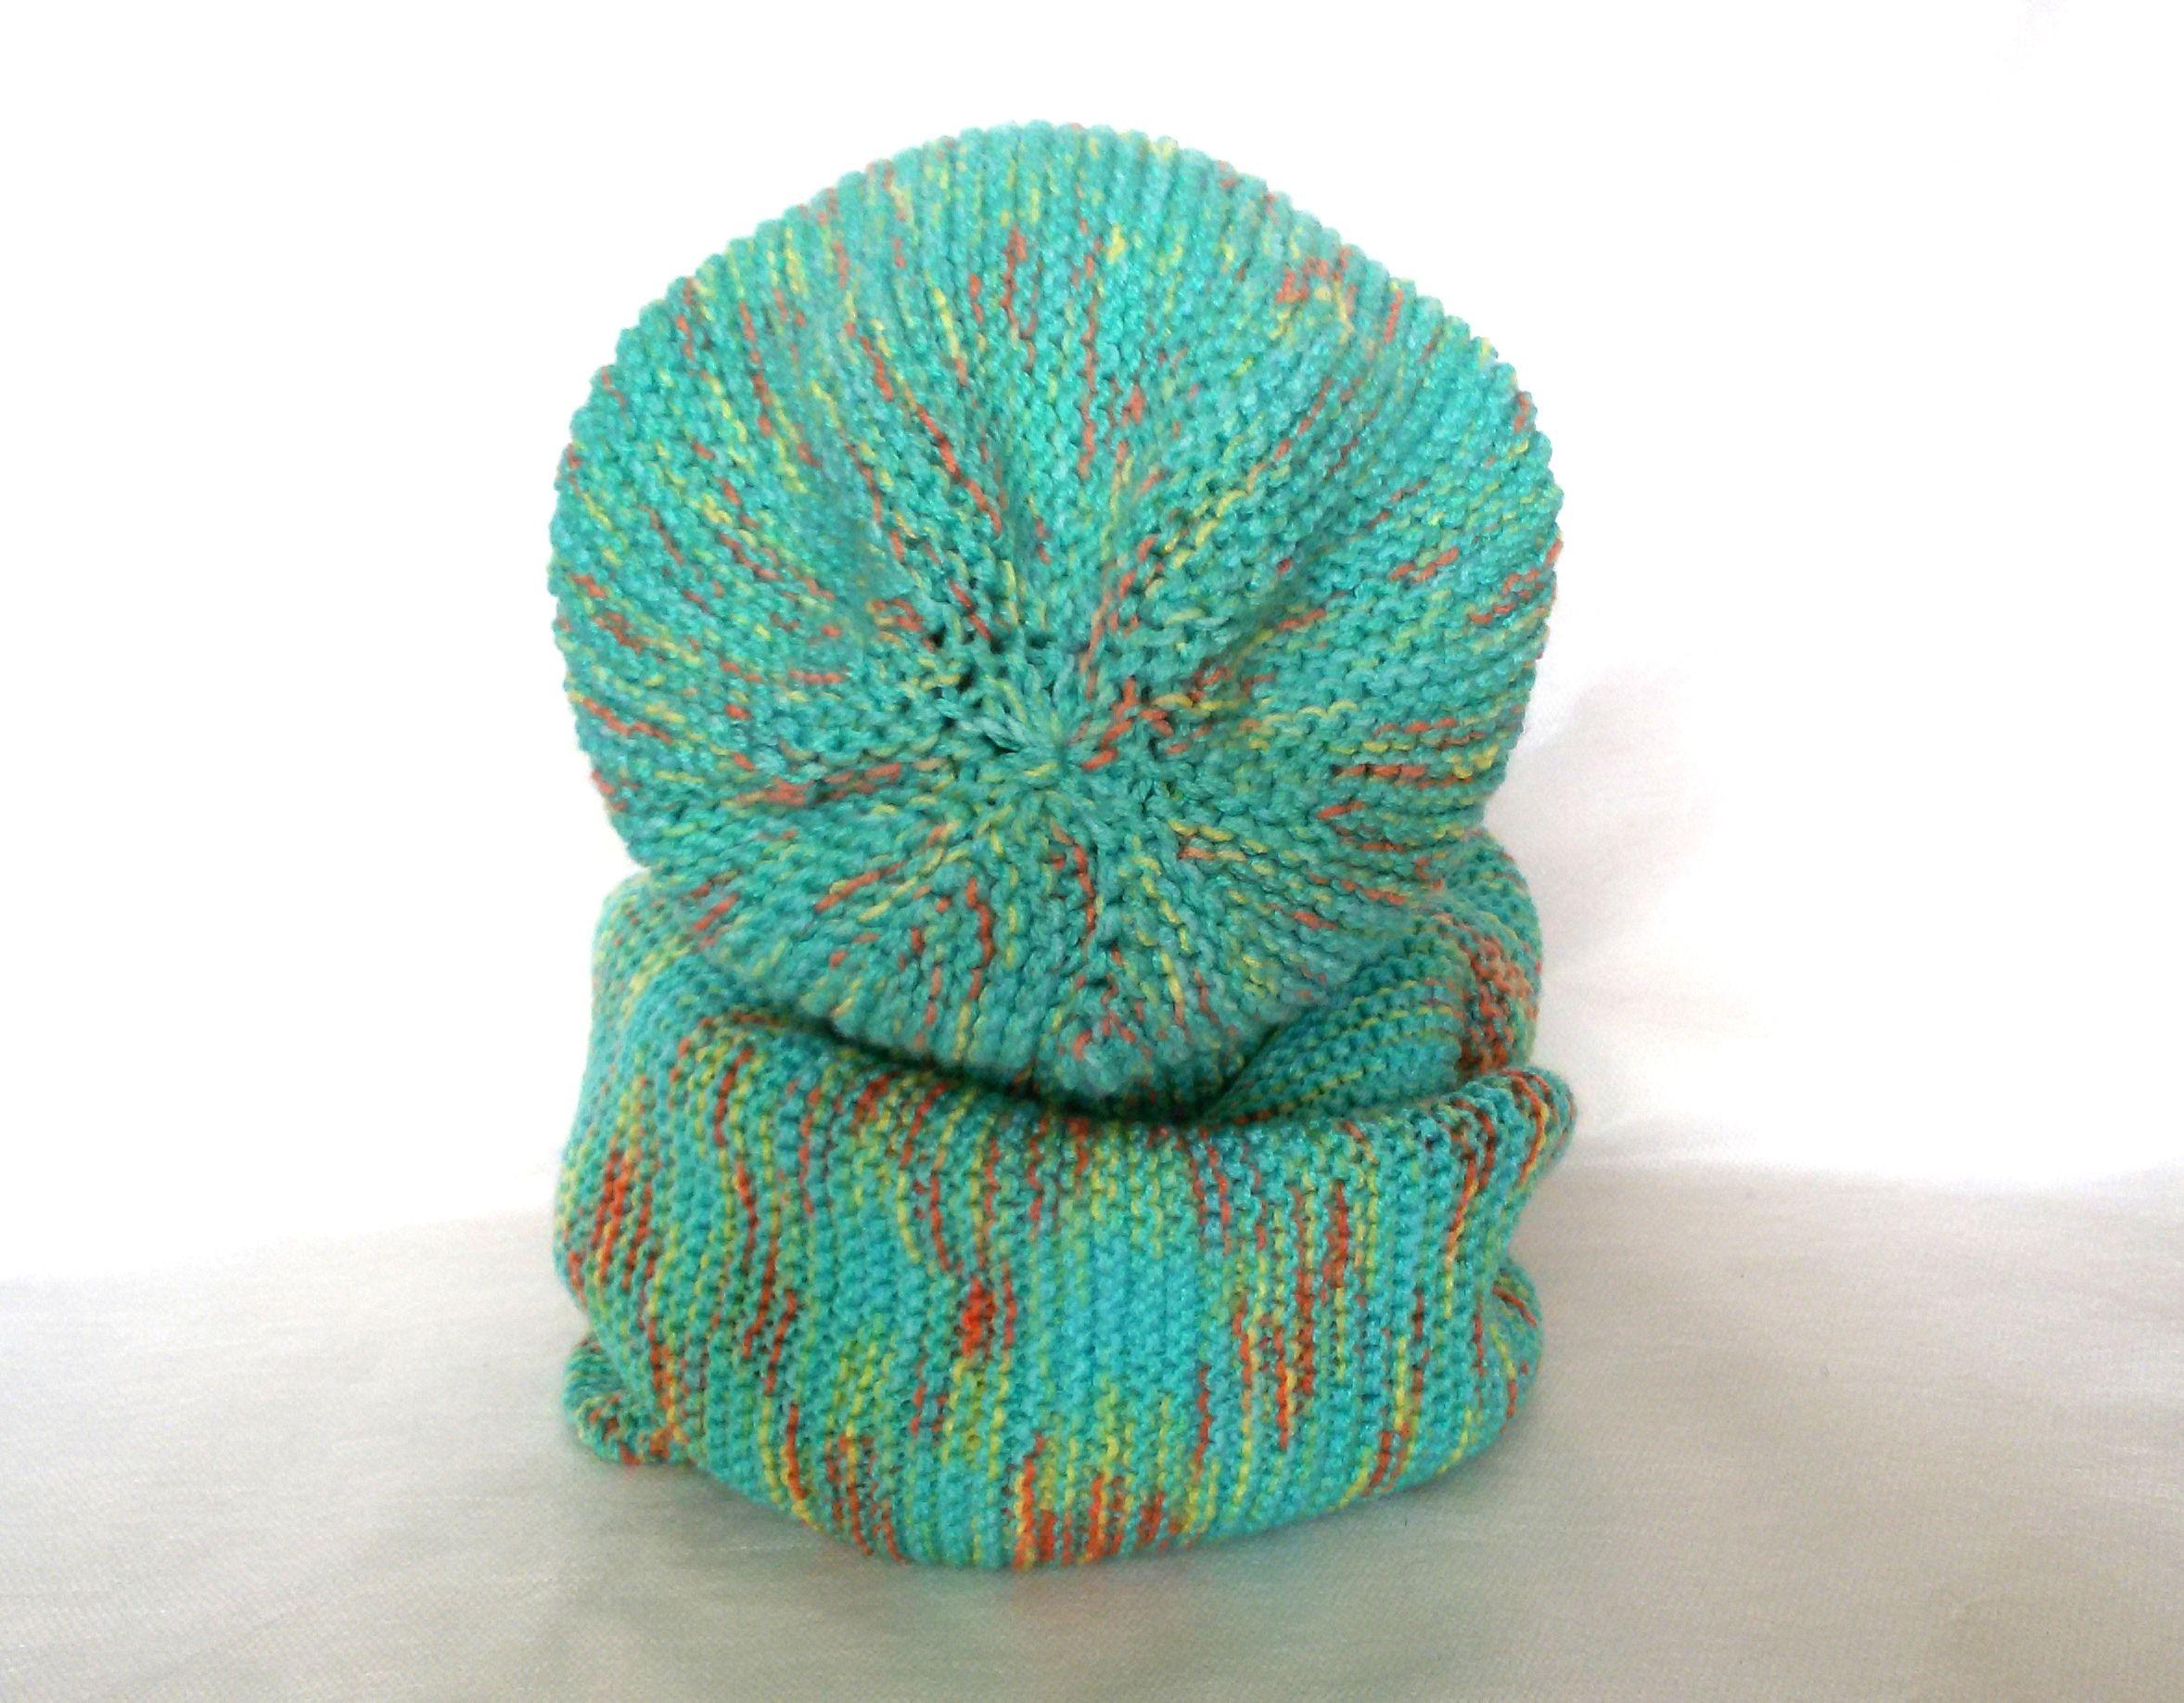 комплект яркий удобный теплый приятный вязанный плотная